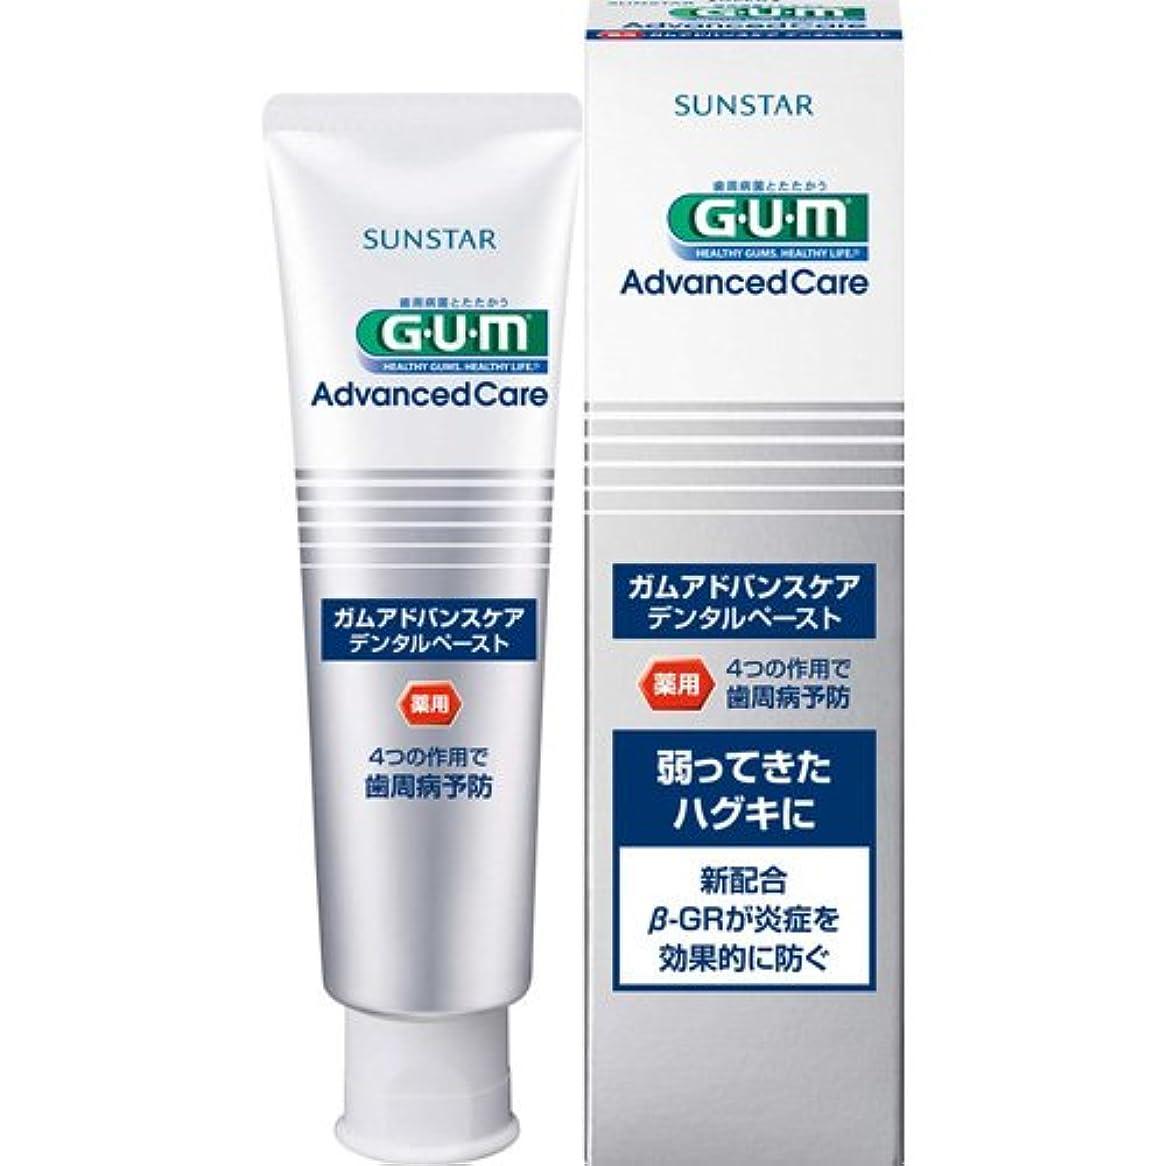 解明スリット緯度GUM(ガム)アドバンスケア デンタルペースト 90g (医薬部外品)